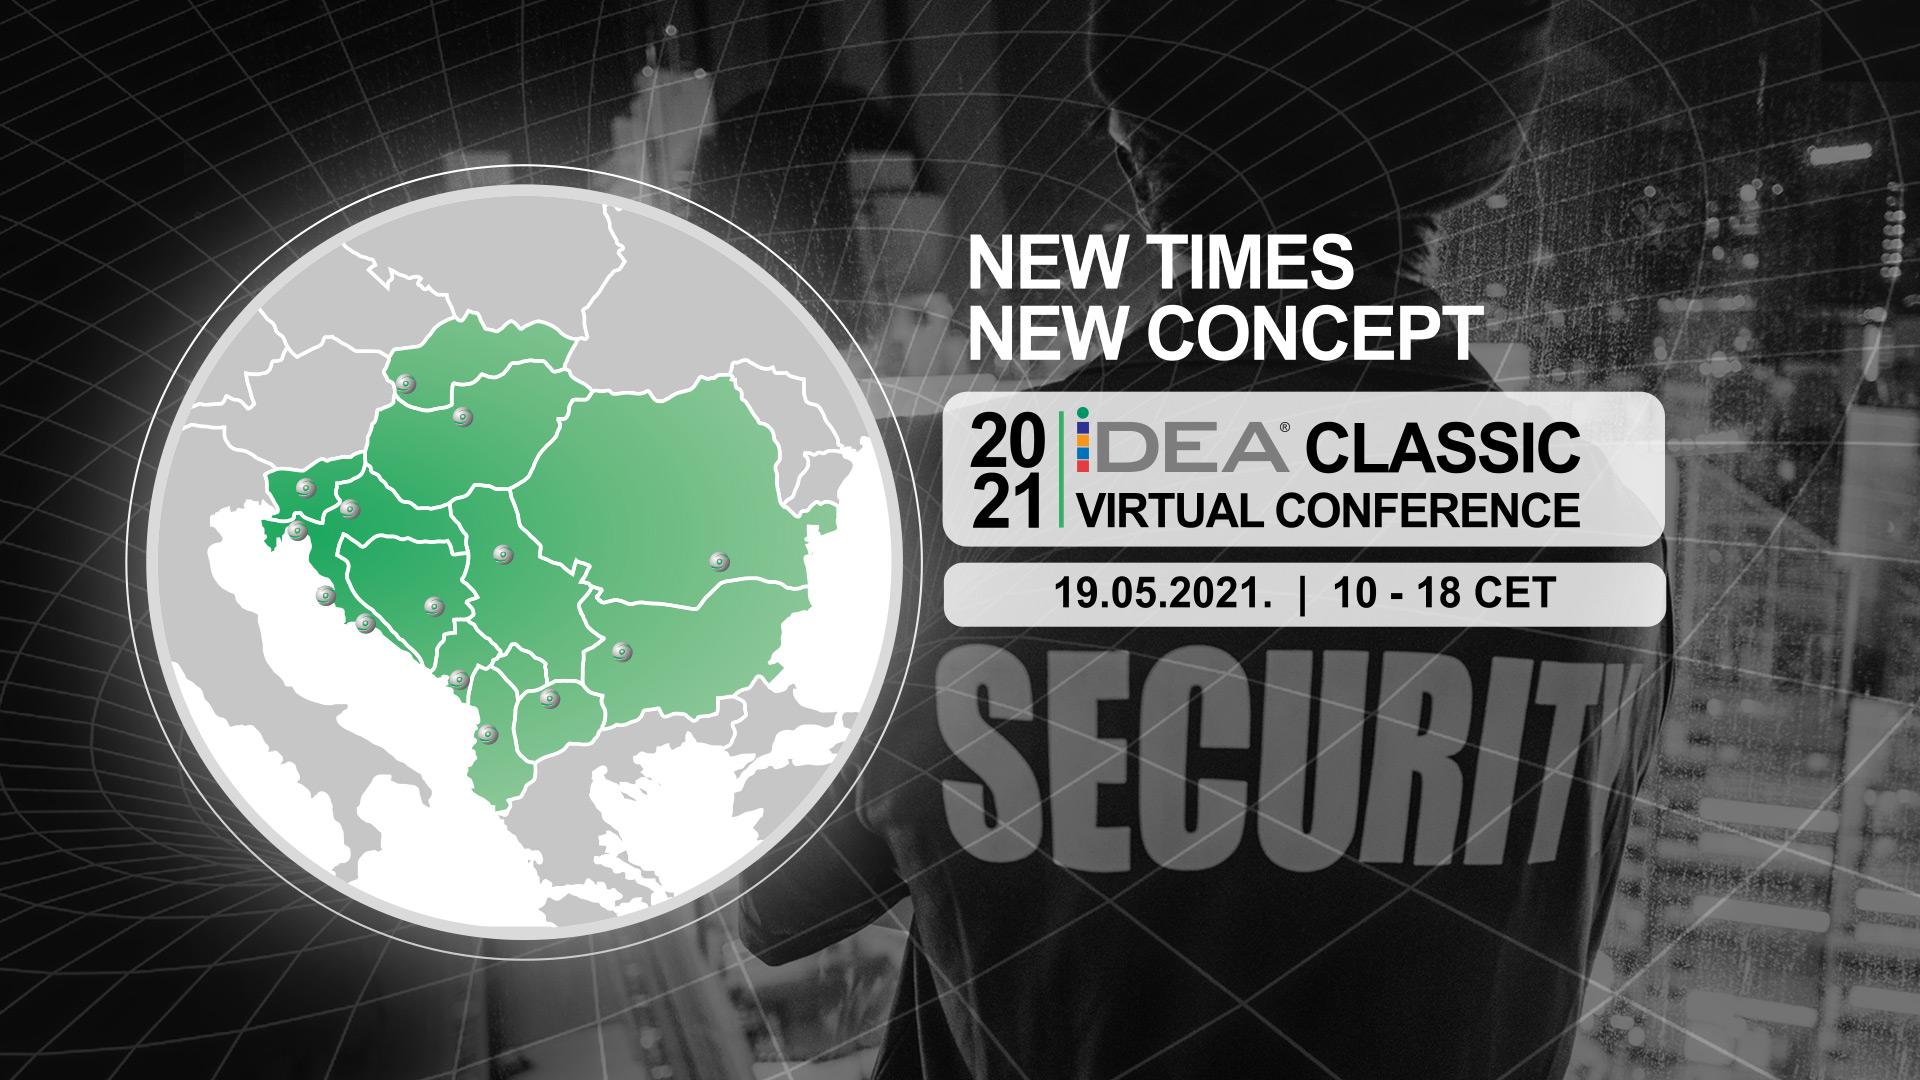 iDEA classic virtual conference 2021